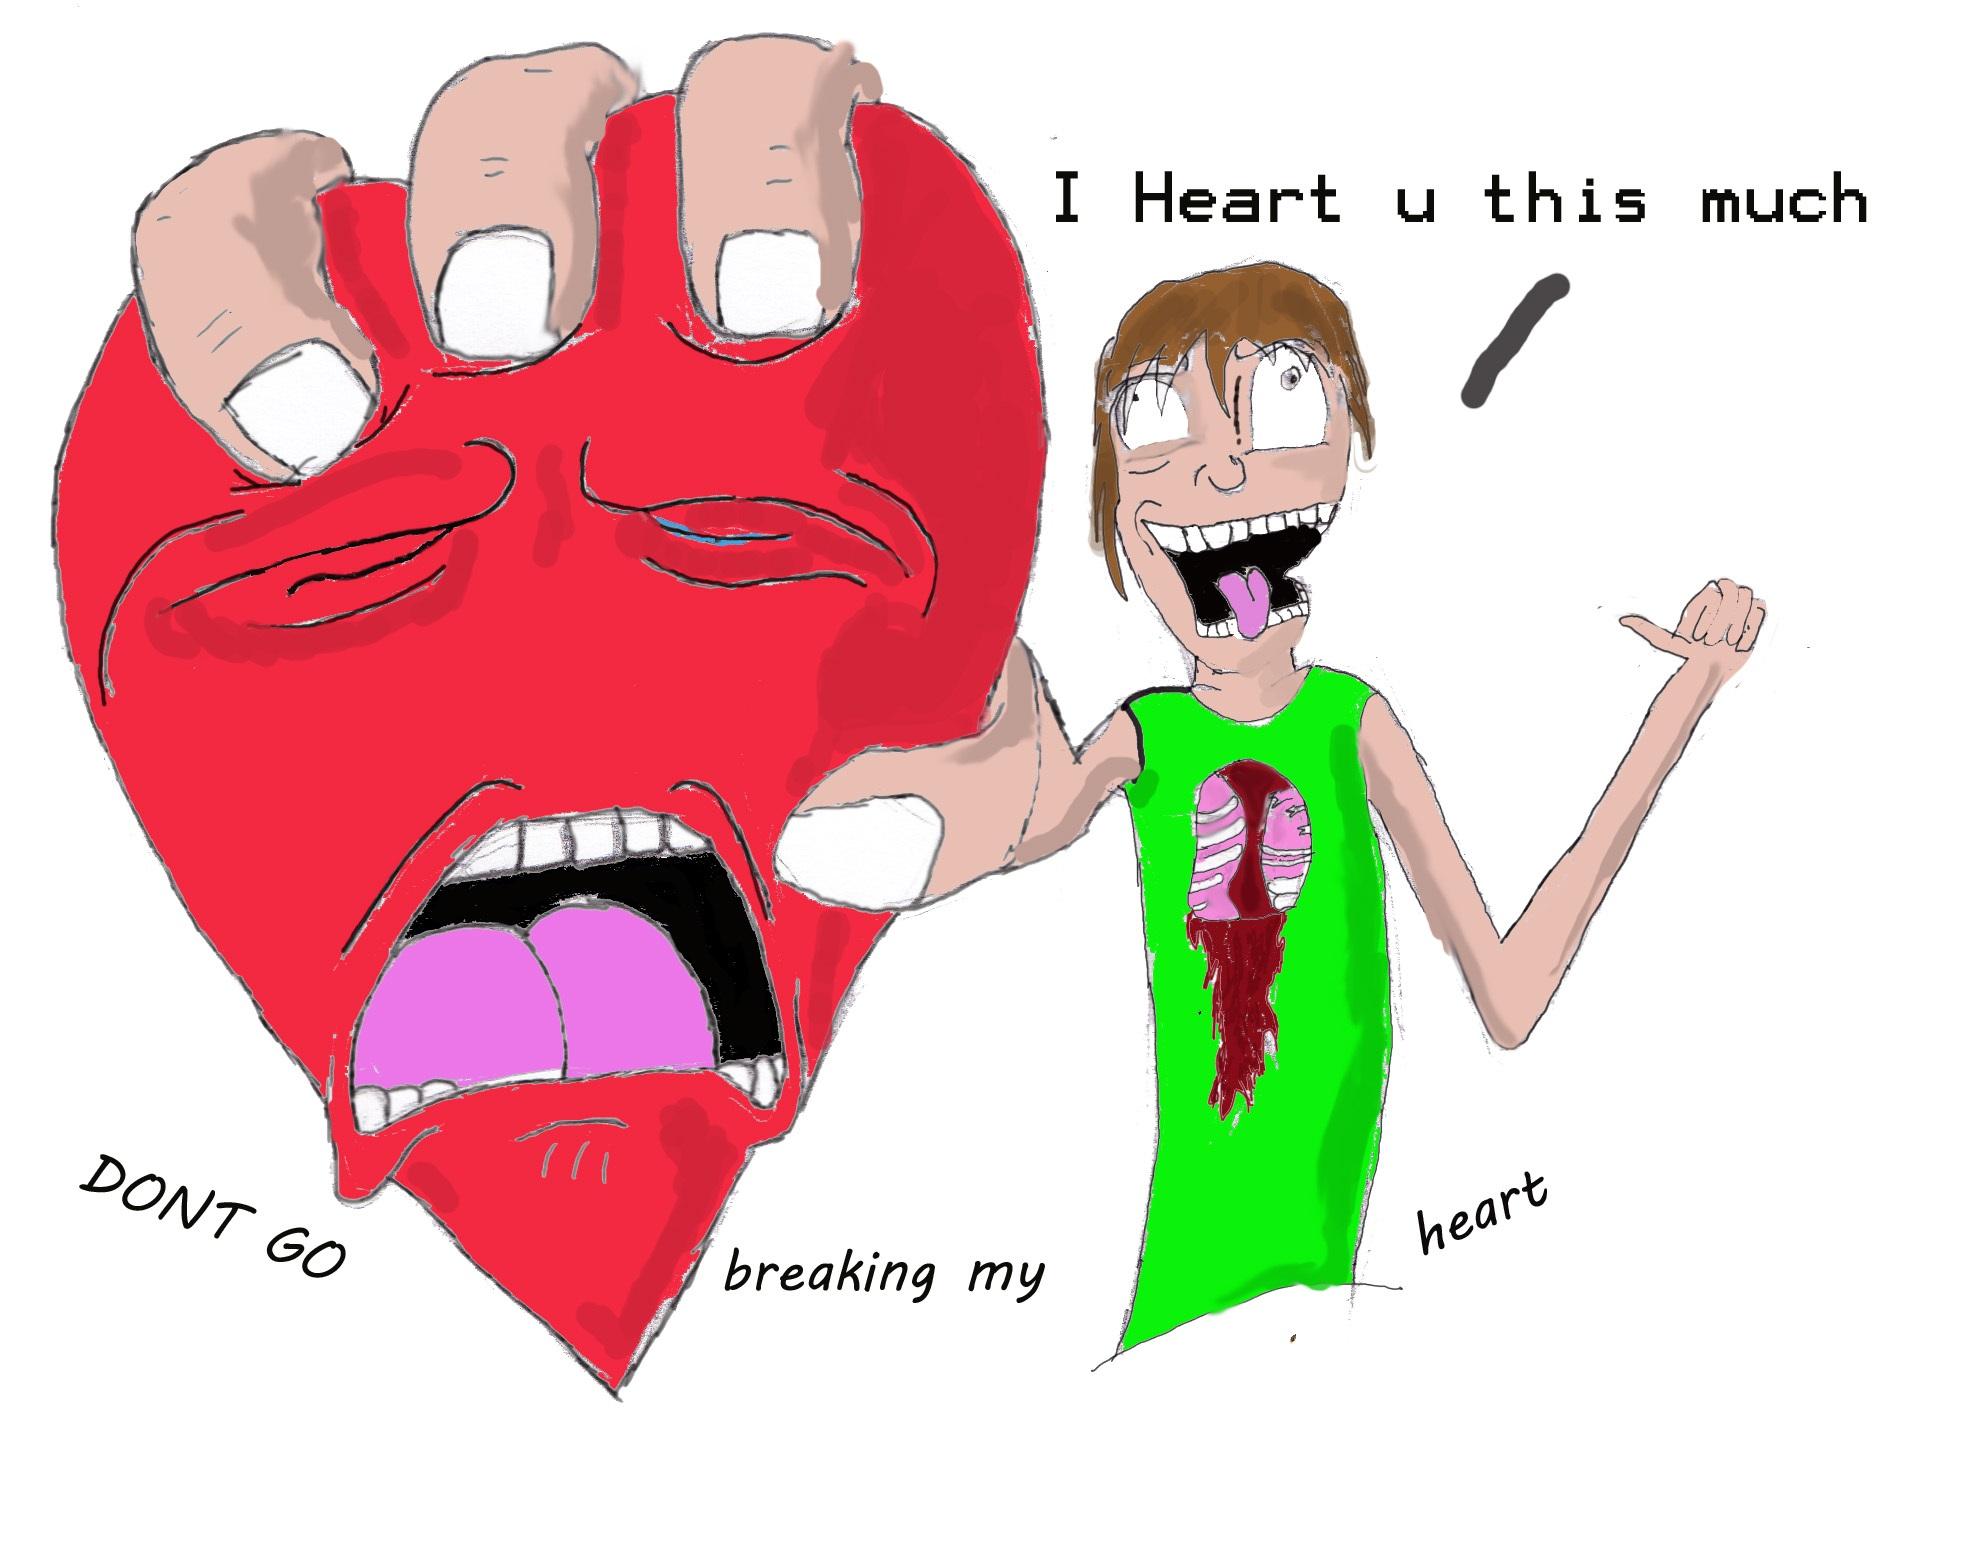 Dont go Heart Break